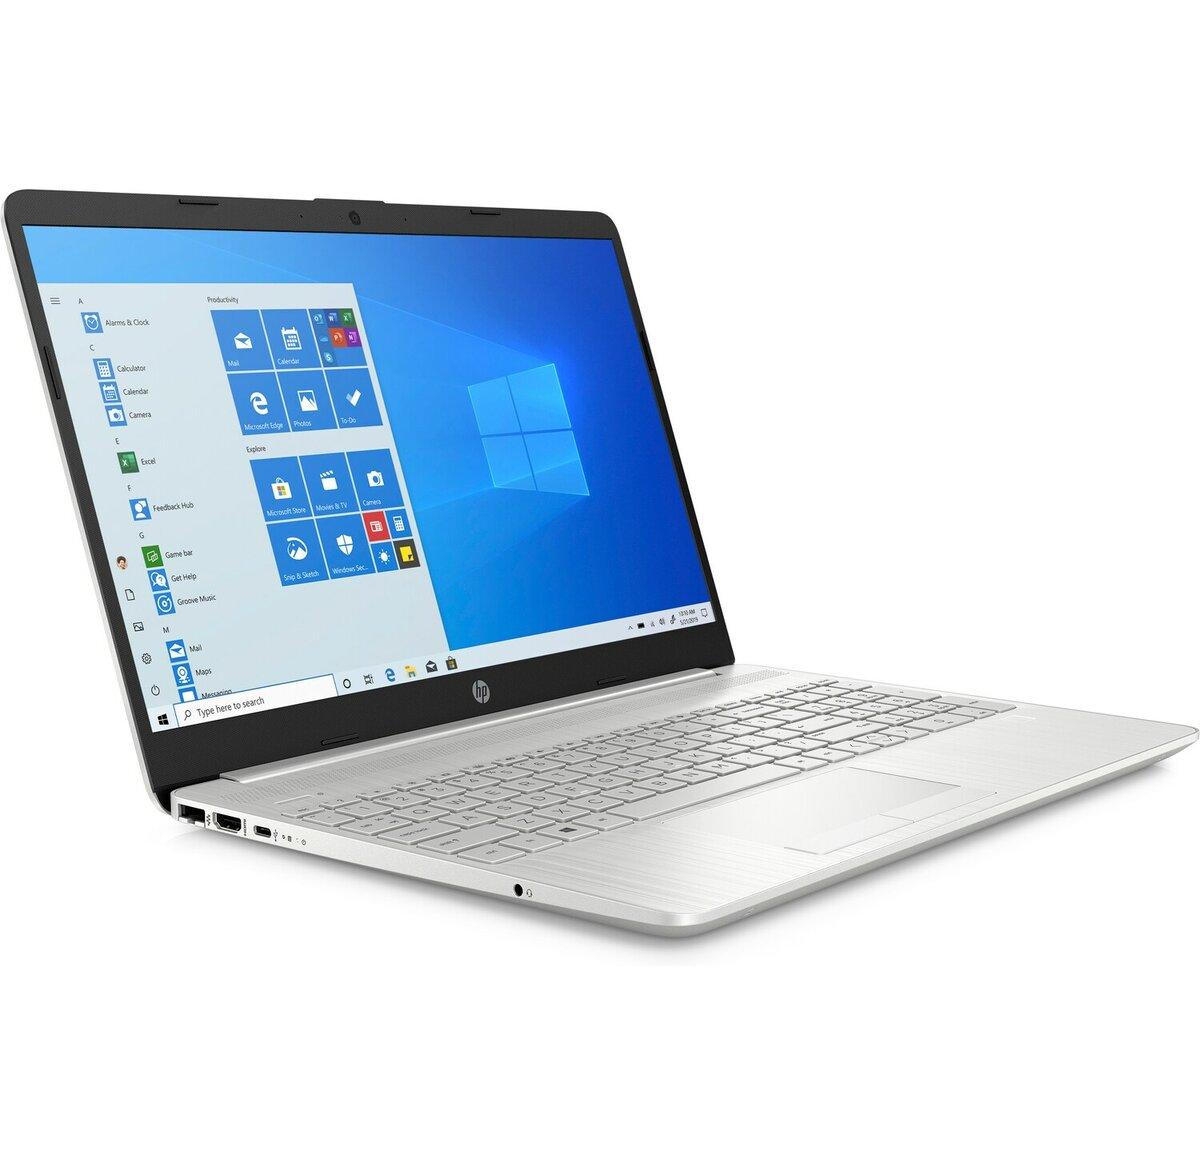 Máy tính xách tay HP Pavilion 14-dv0009TU